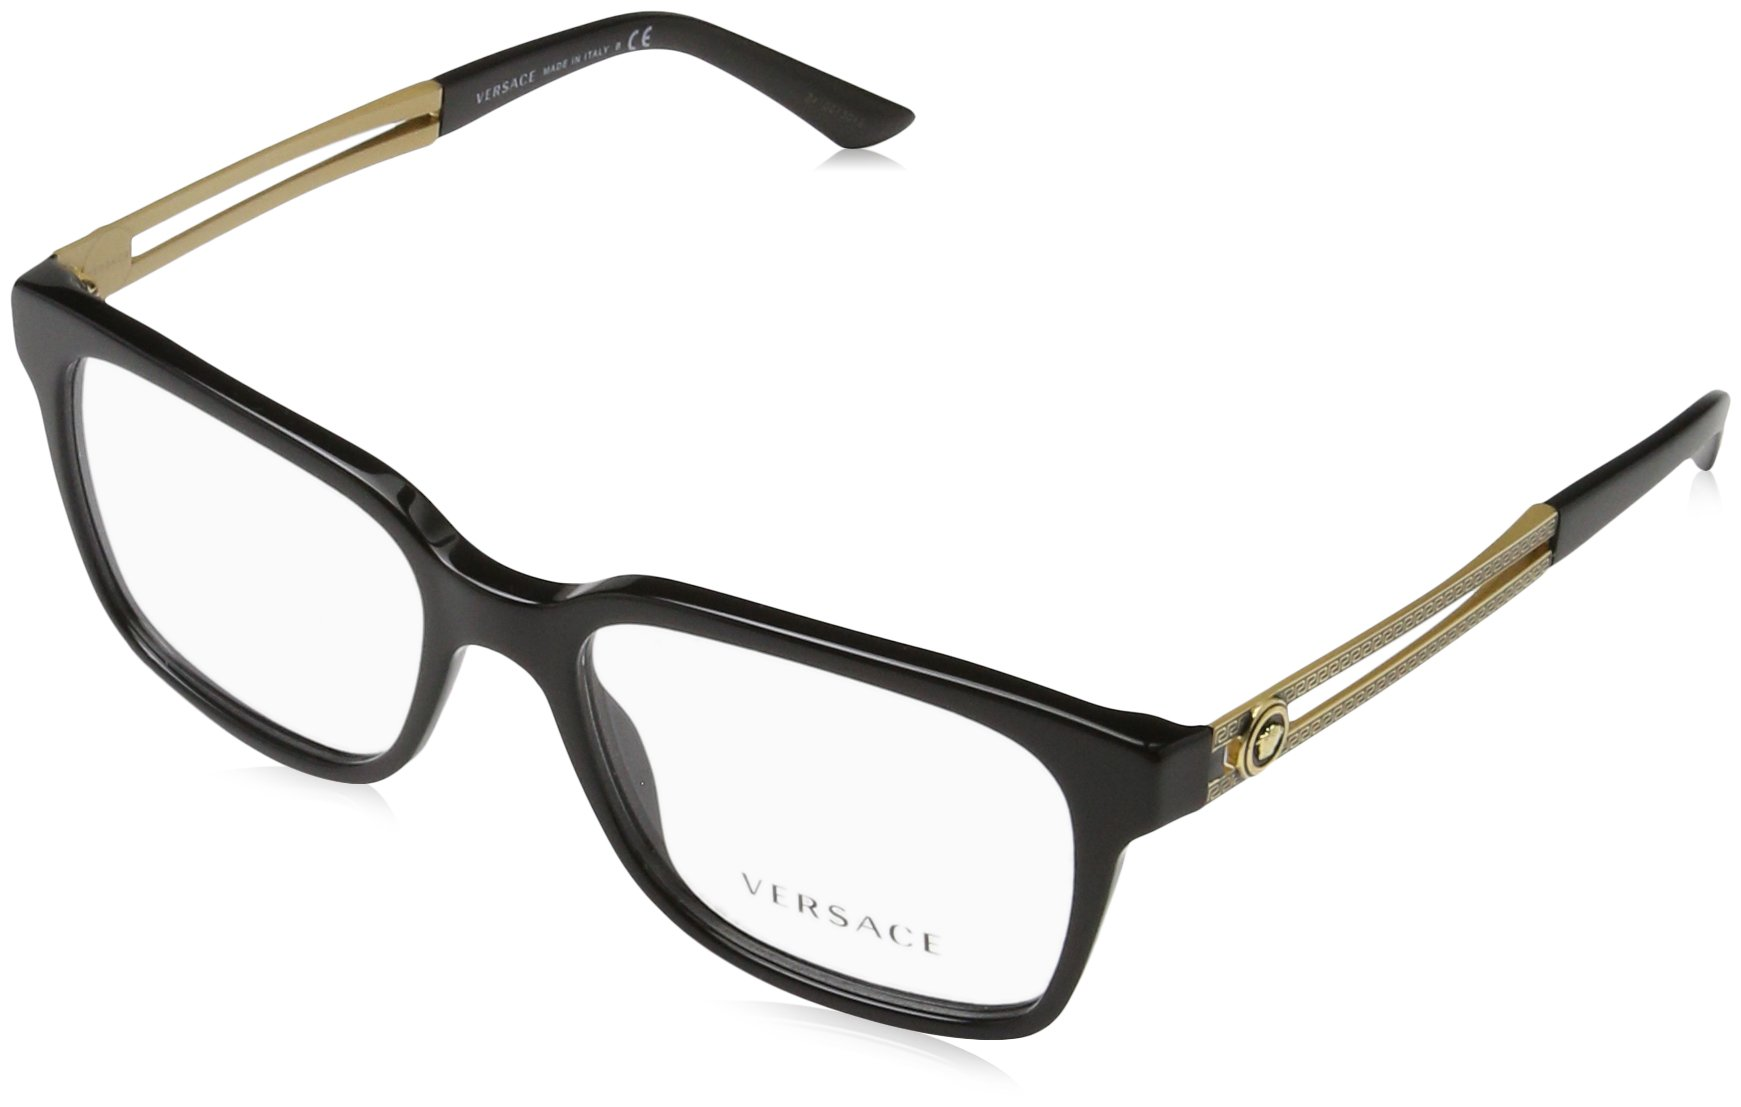 Versace VE 3218 Eyeglasses GB1 Black by Versace